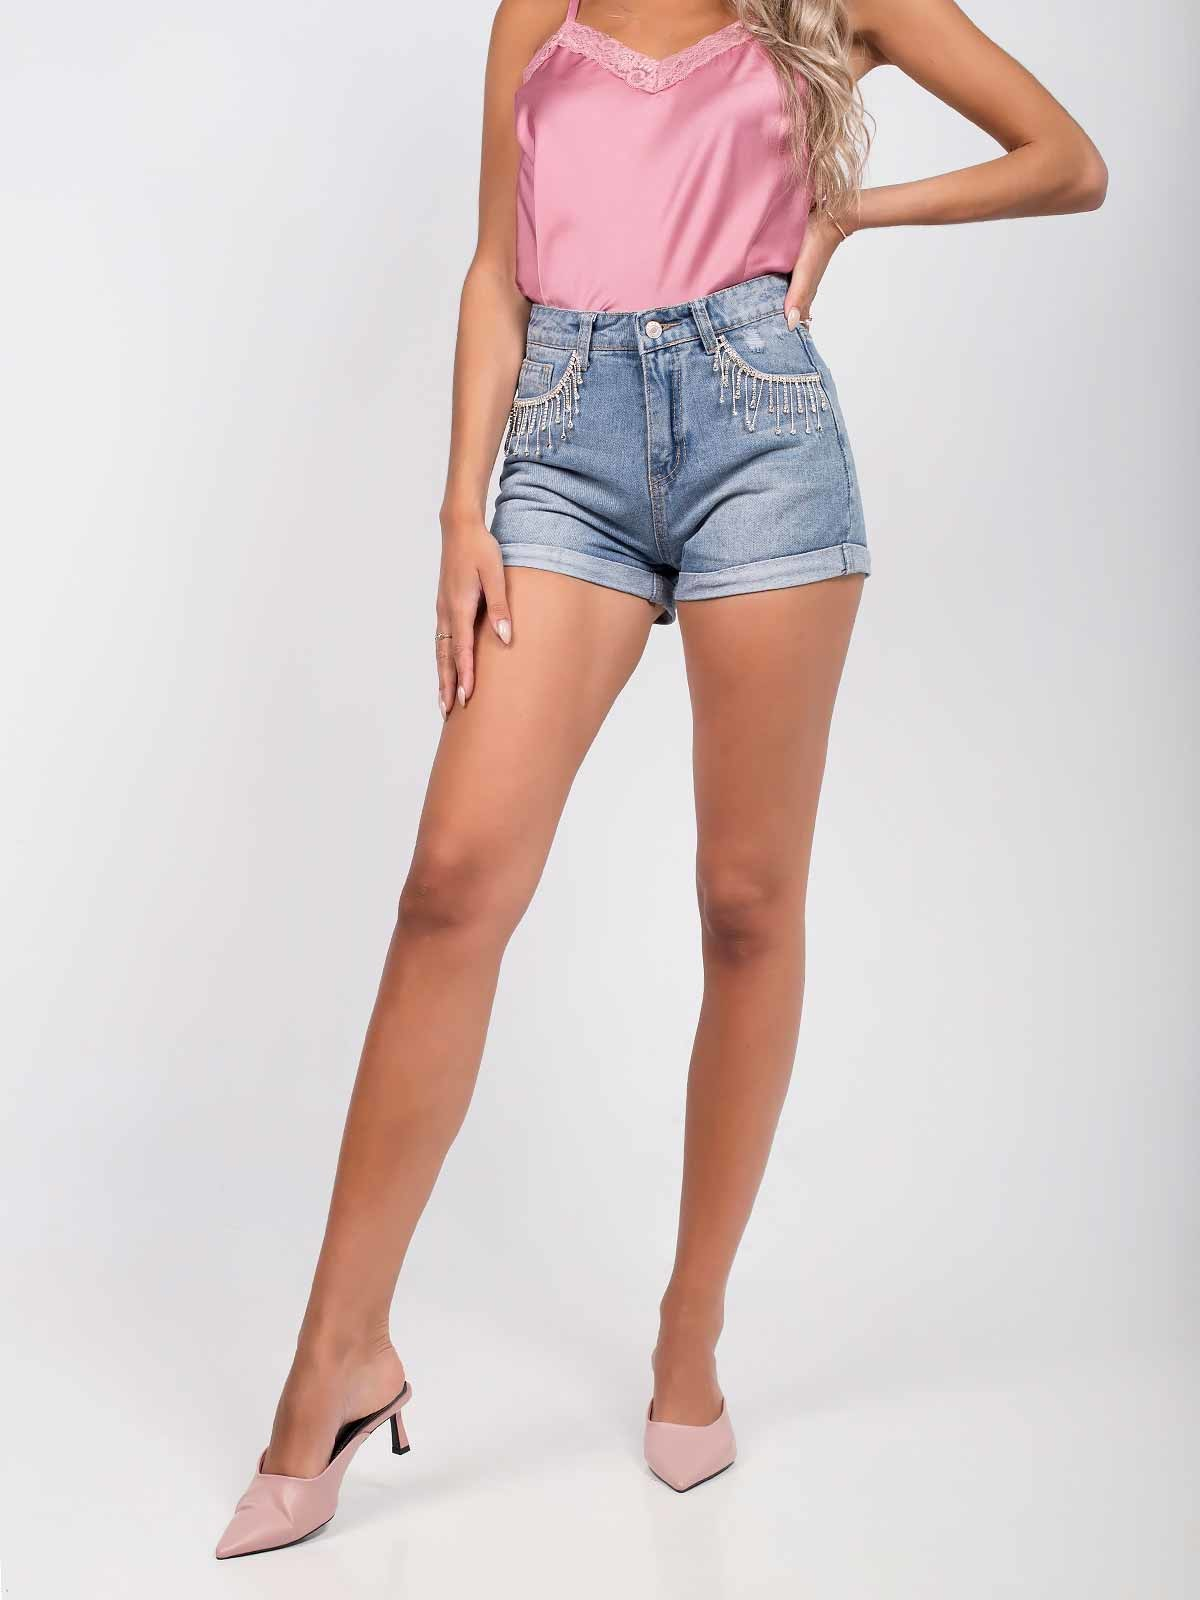 Pantalones cortos de mezclilla con pendientes